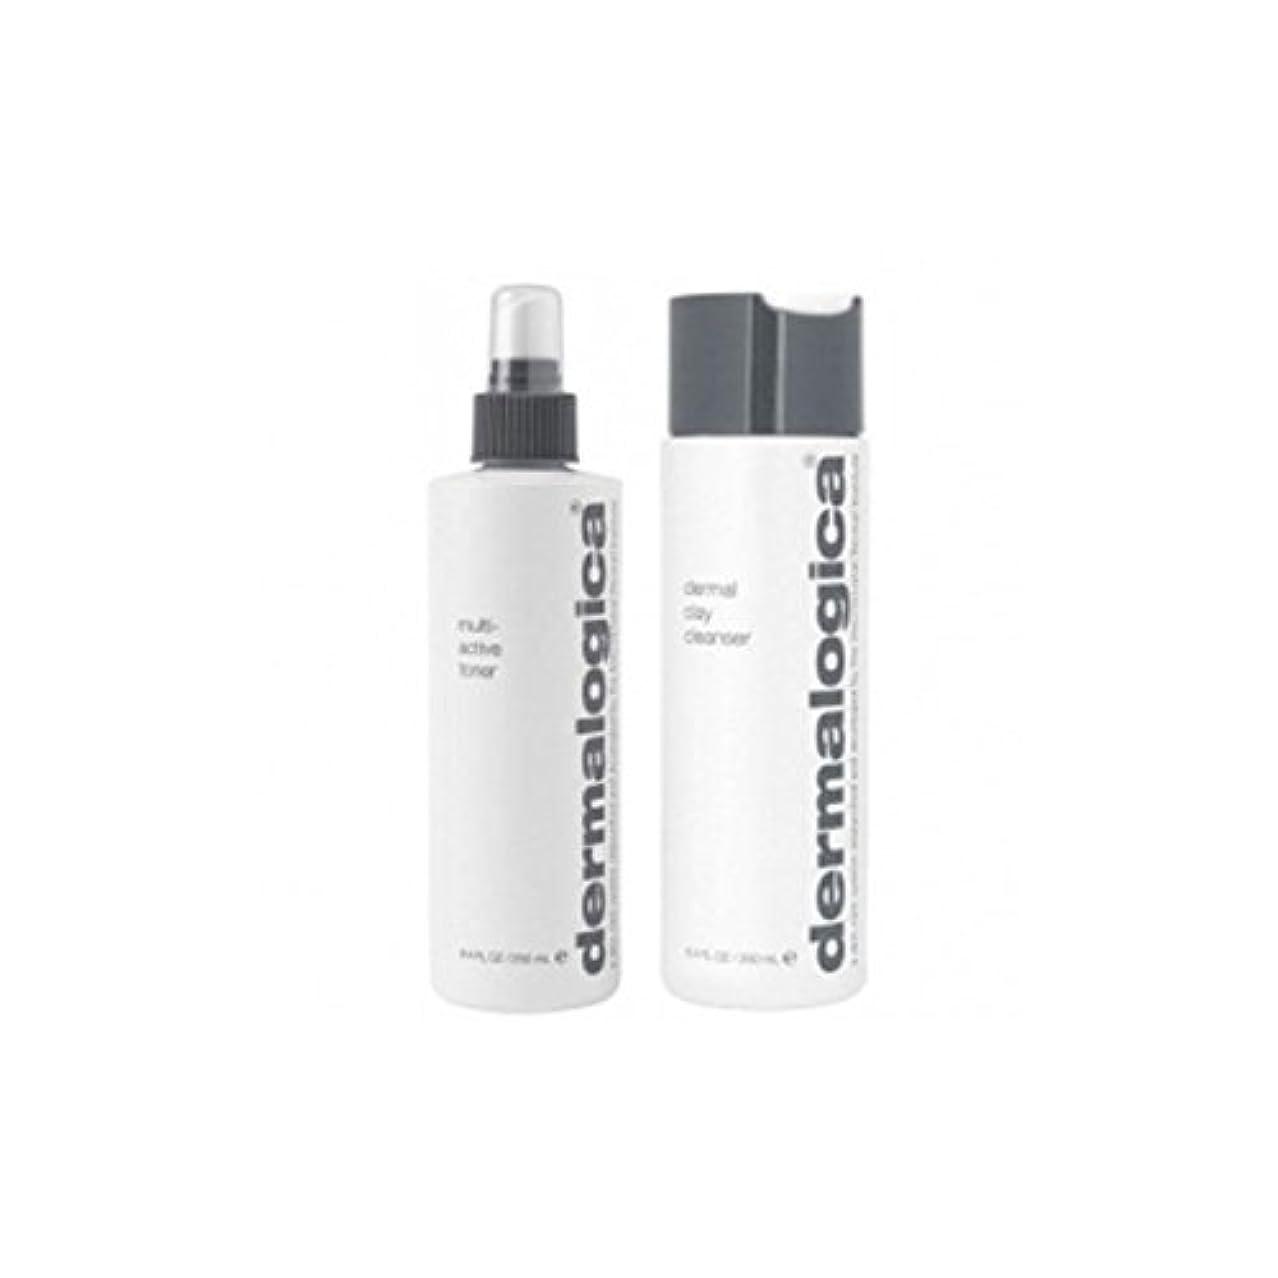 無秩序本当のことを言うとペインダーマロジカクレンジング&トーンデュオ - 脂性肌(2製品) x4 - Dermalogica Cleanse & Tone Duo - Oily Skin (2 Products) (Pack of 4) [並行輸入品]